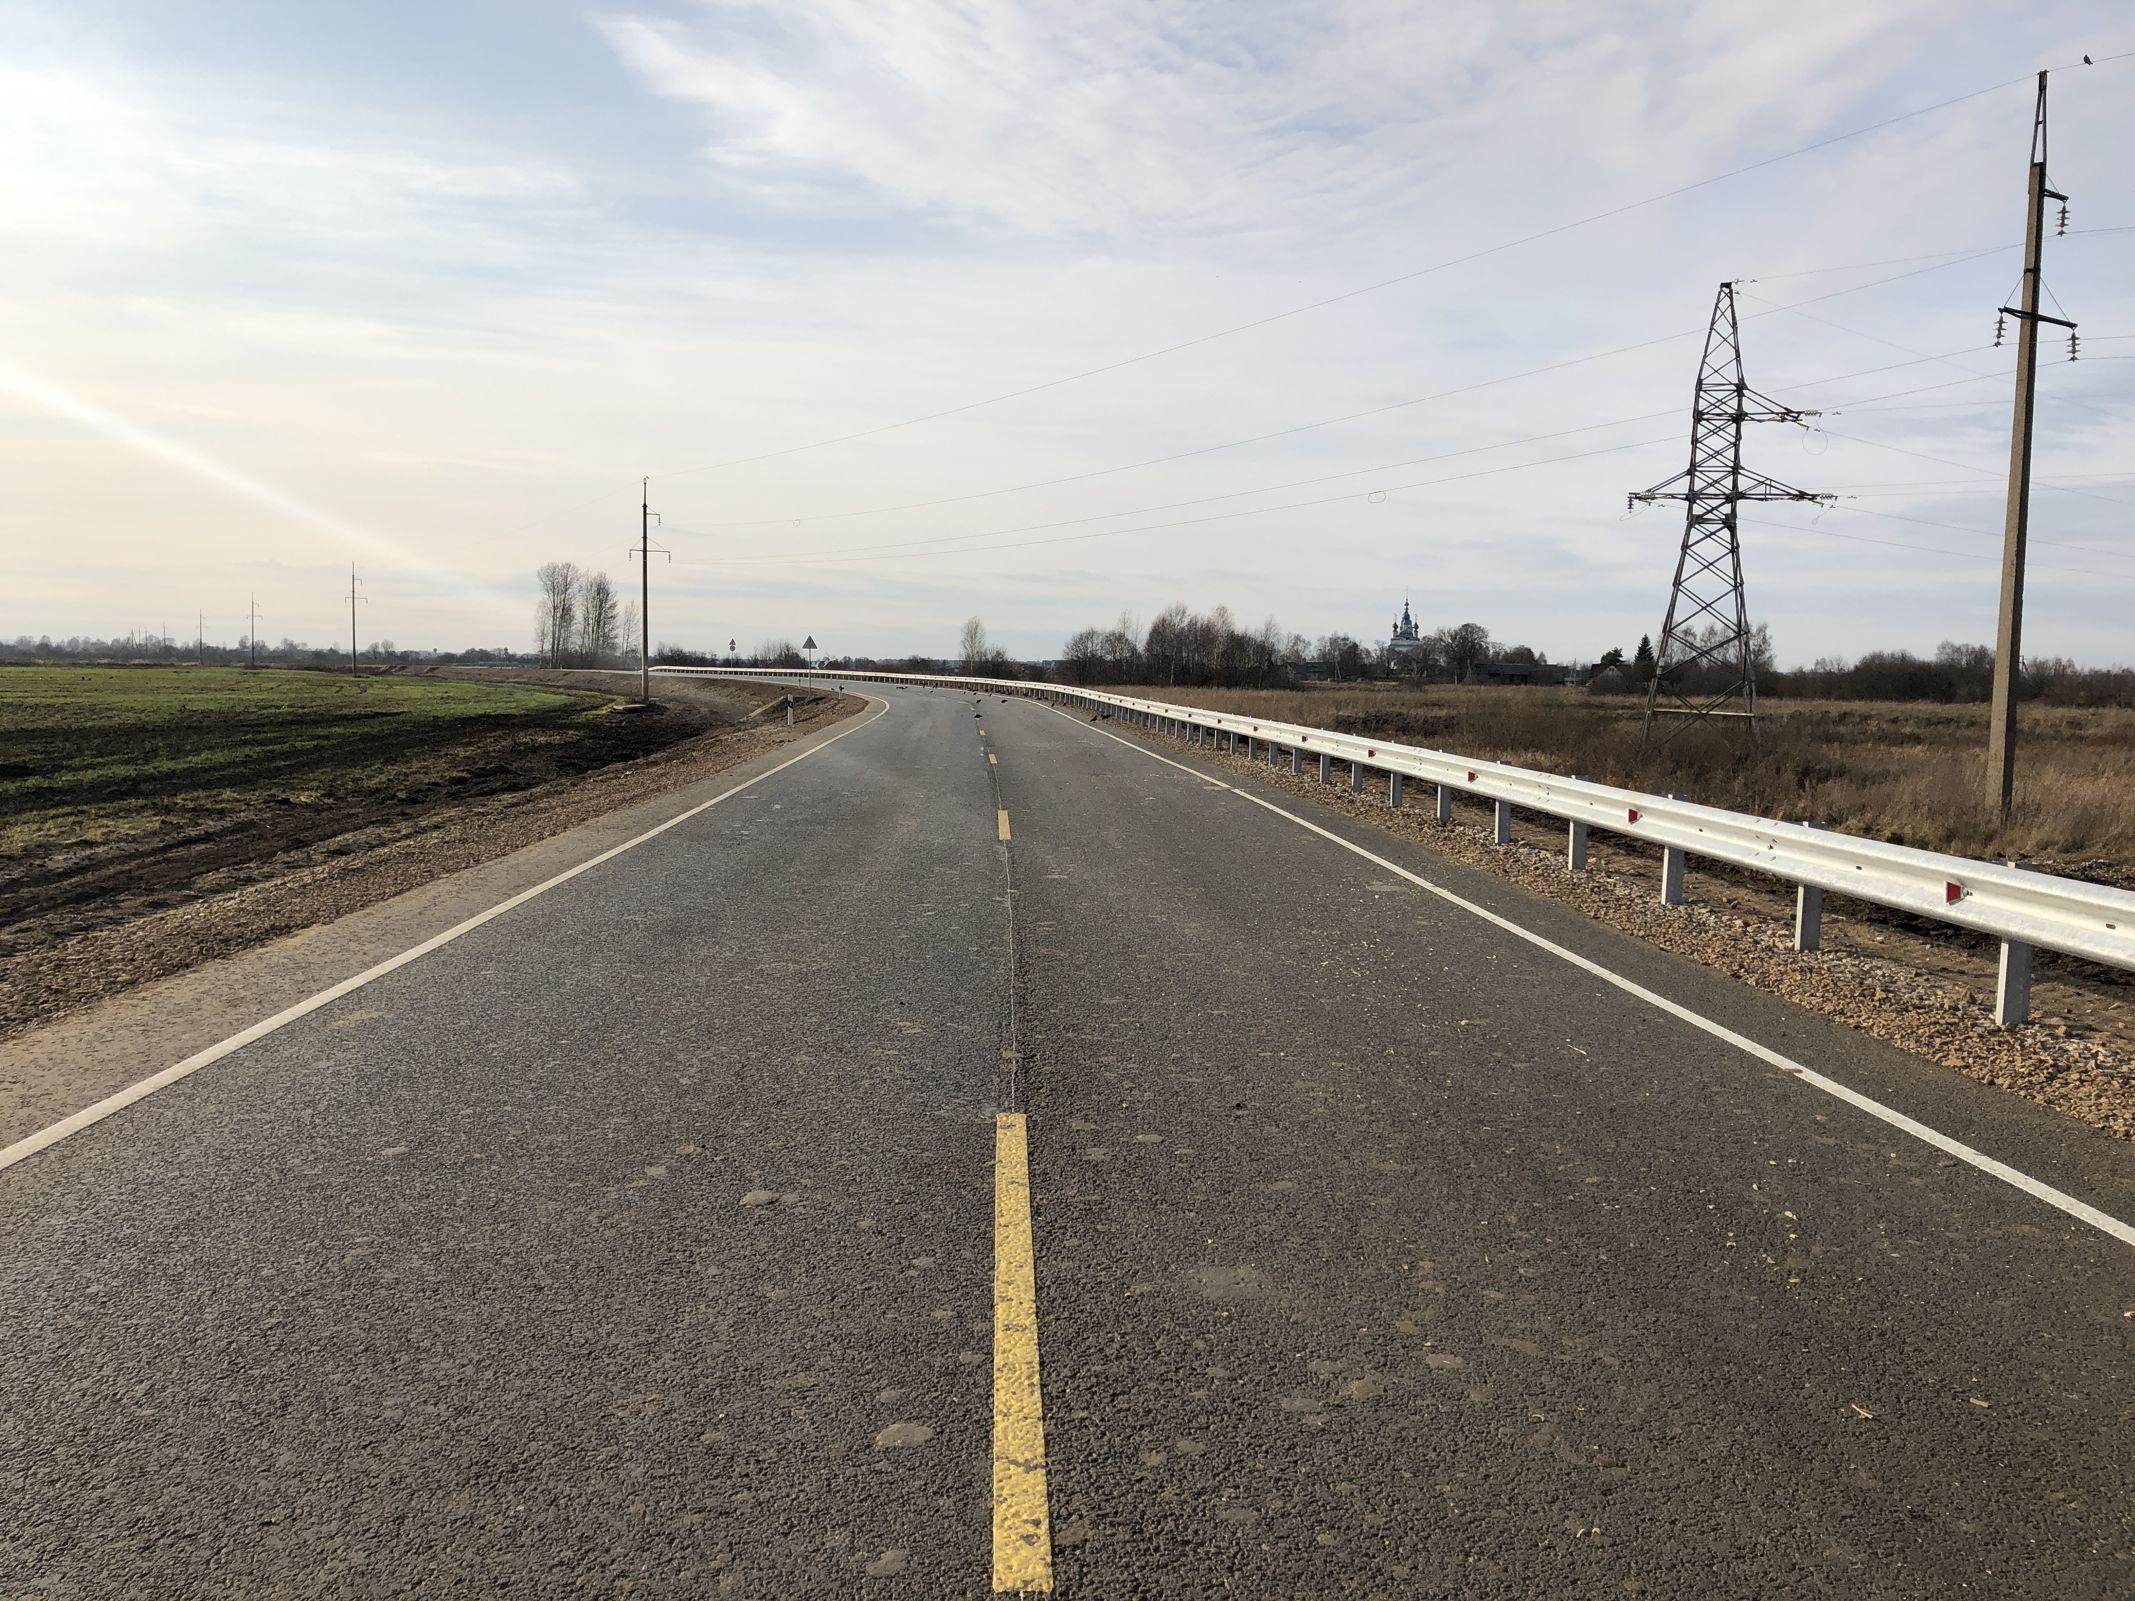 Реконструированы мост и участок дороги от села Савинского до крупной фермы в Ростовском районе